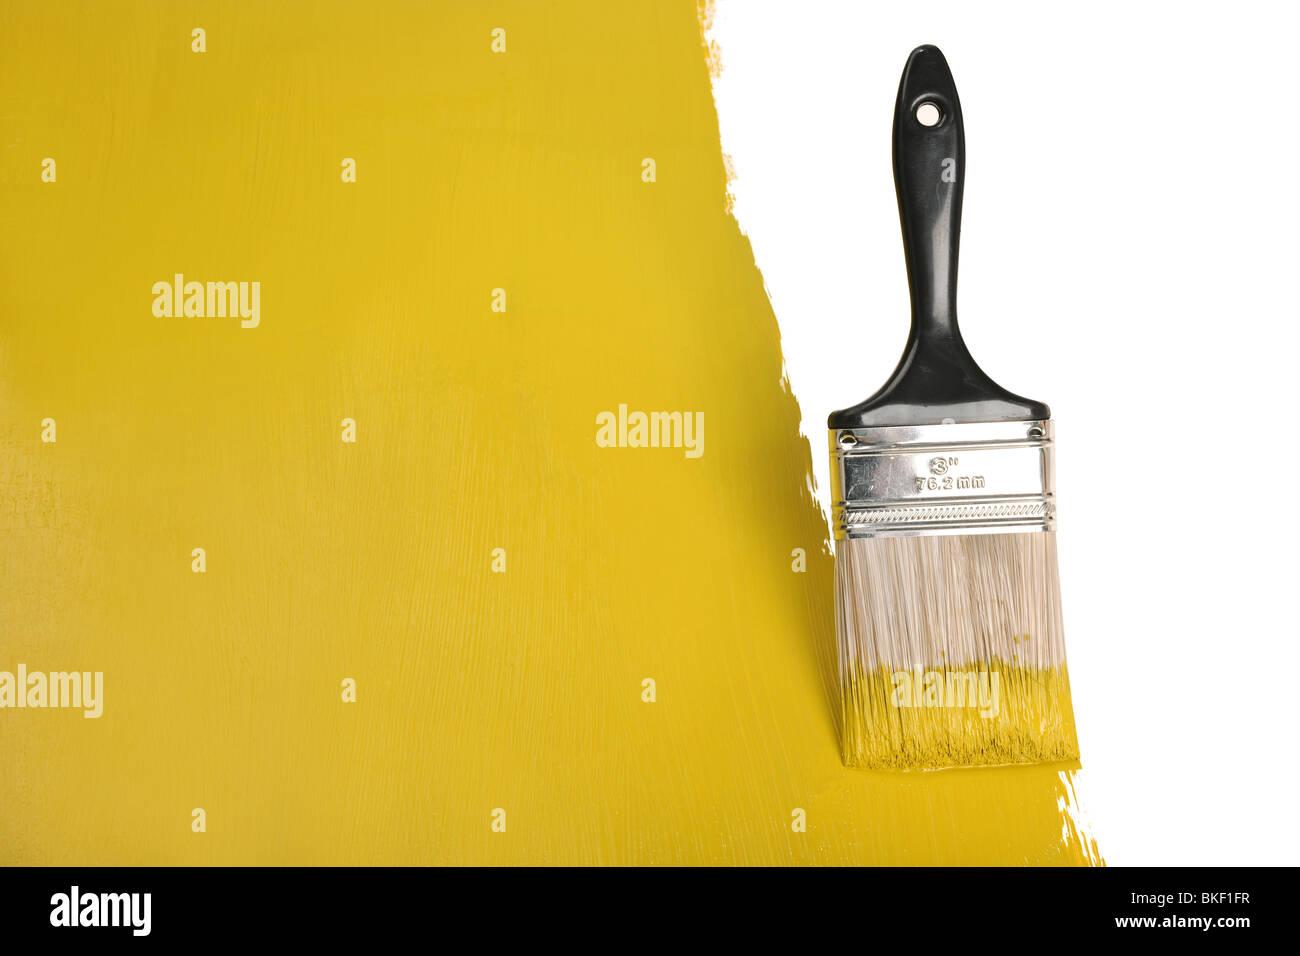 Mur de peinture au pinceau avec de la peinture jaune Photo Stock